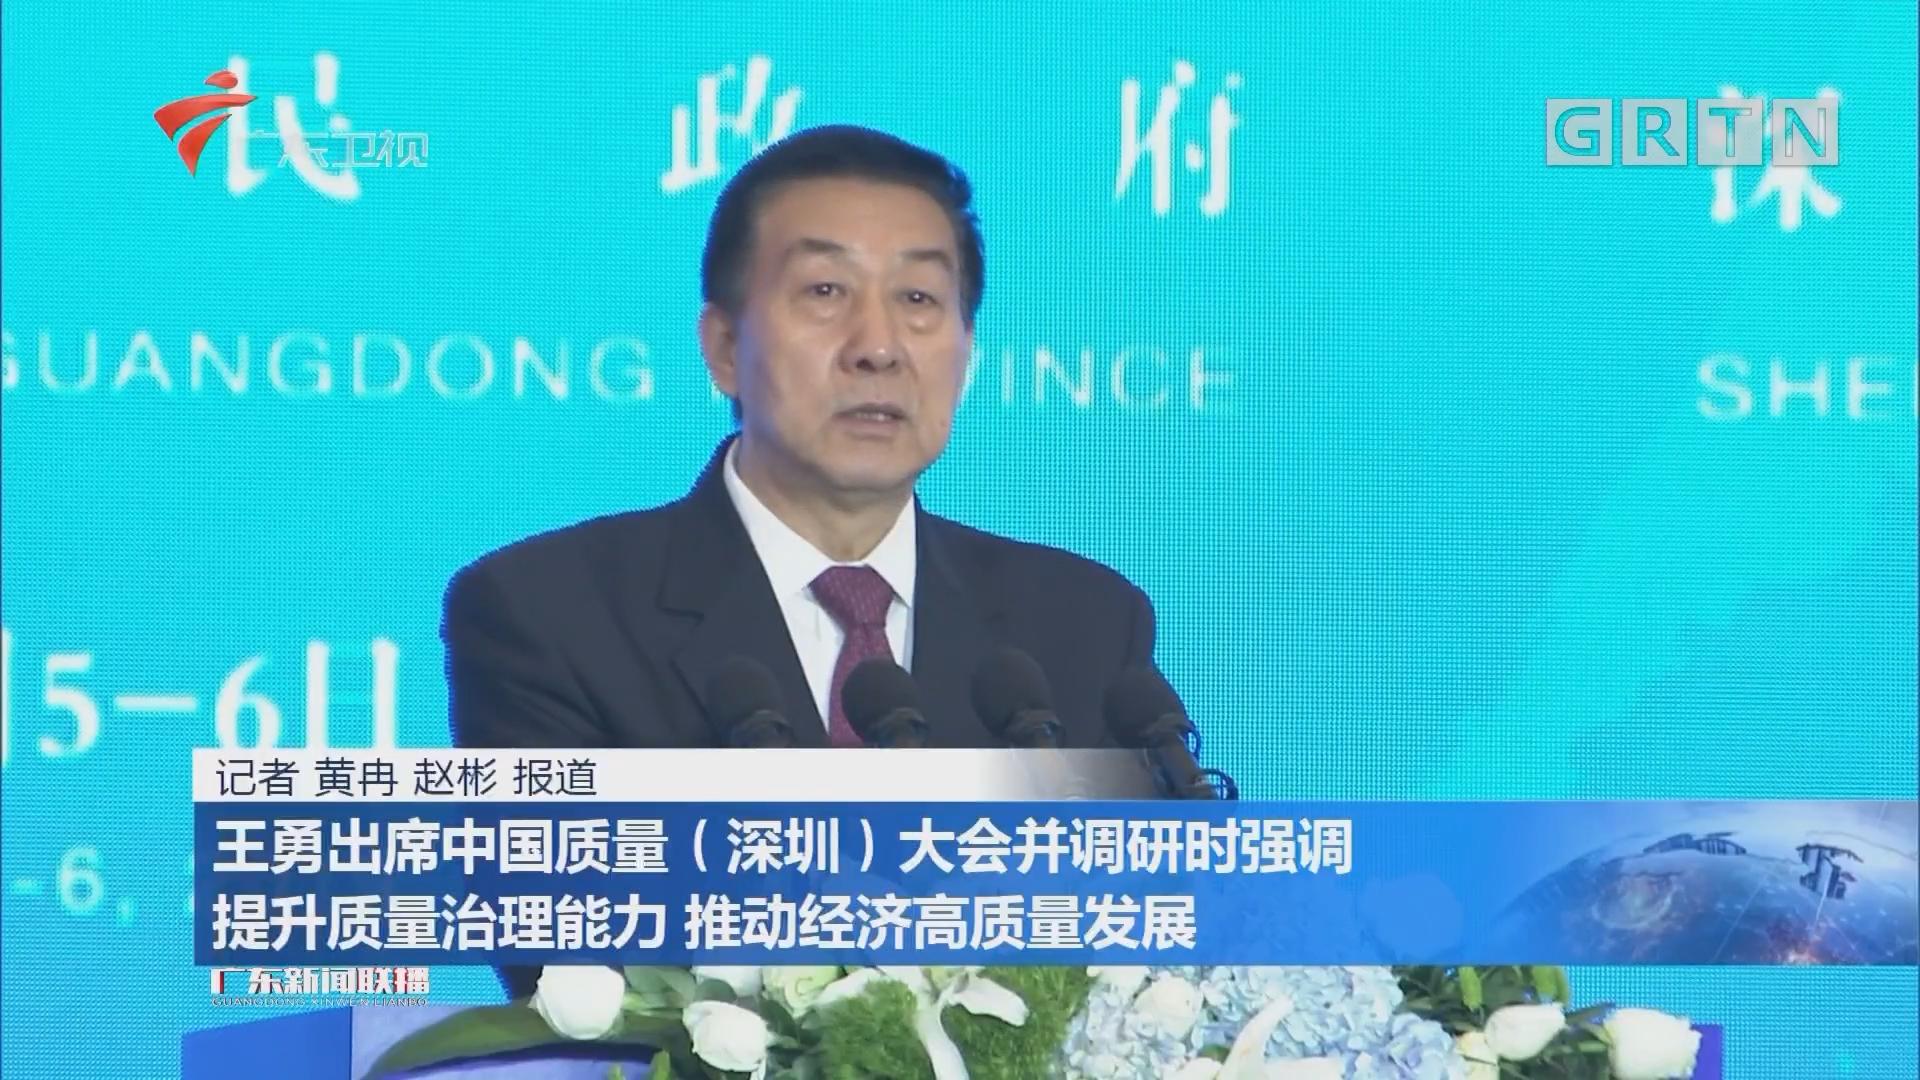 王勇出席中国质量(深圳)大会并调研时强调 提升质量治理能力 推动经济高质量发展